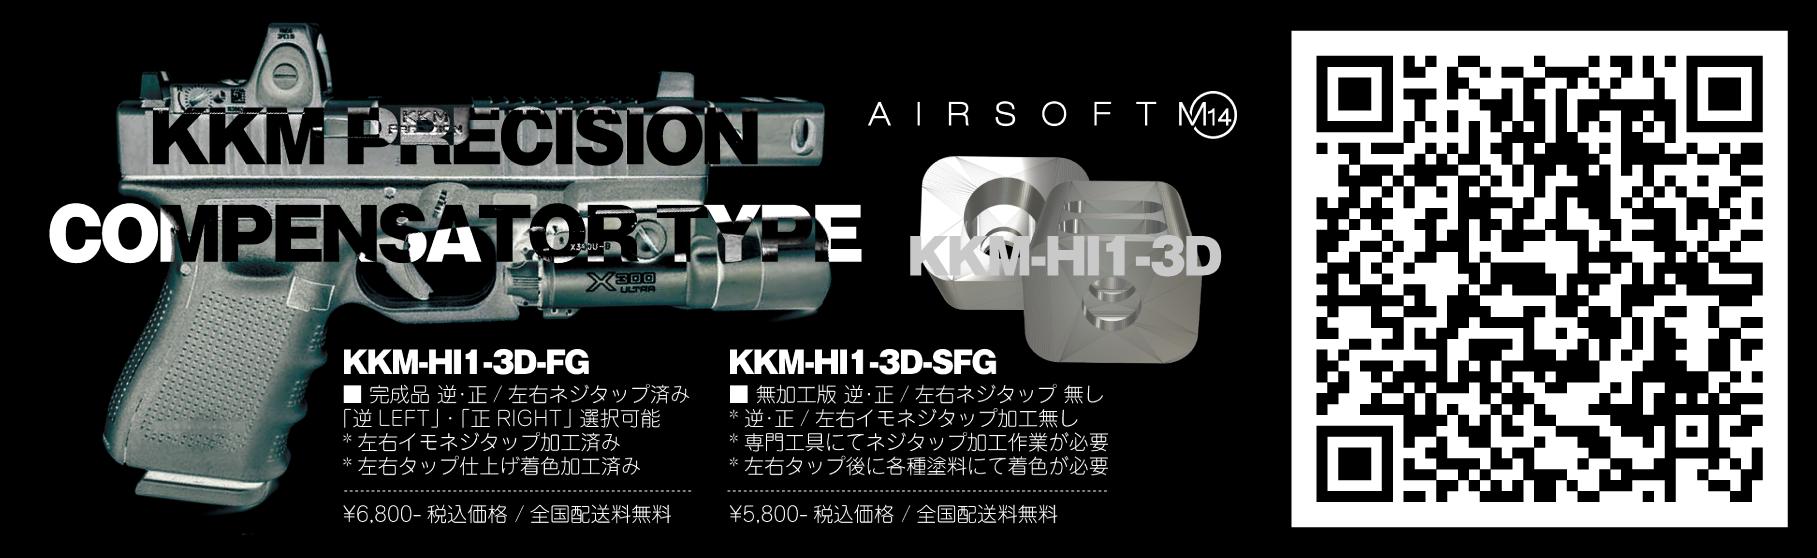 Q&A 販売ページ HILOG KKMコンペンセイター KKMコンペン KKM-HI1-3D-FG KKM-HI1-3D-SFG エアソフト AIRSOFT M14 KKM-HI1-3D タイプ レプリカ 販売 ショップ メーカー ブログ